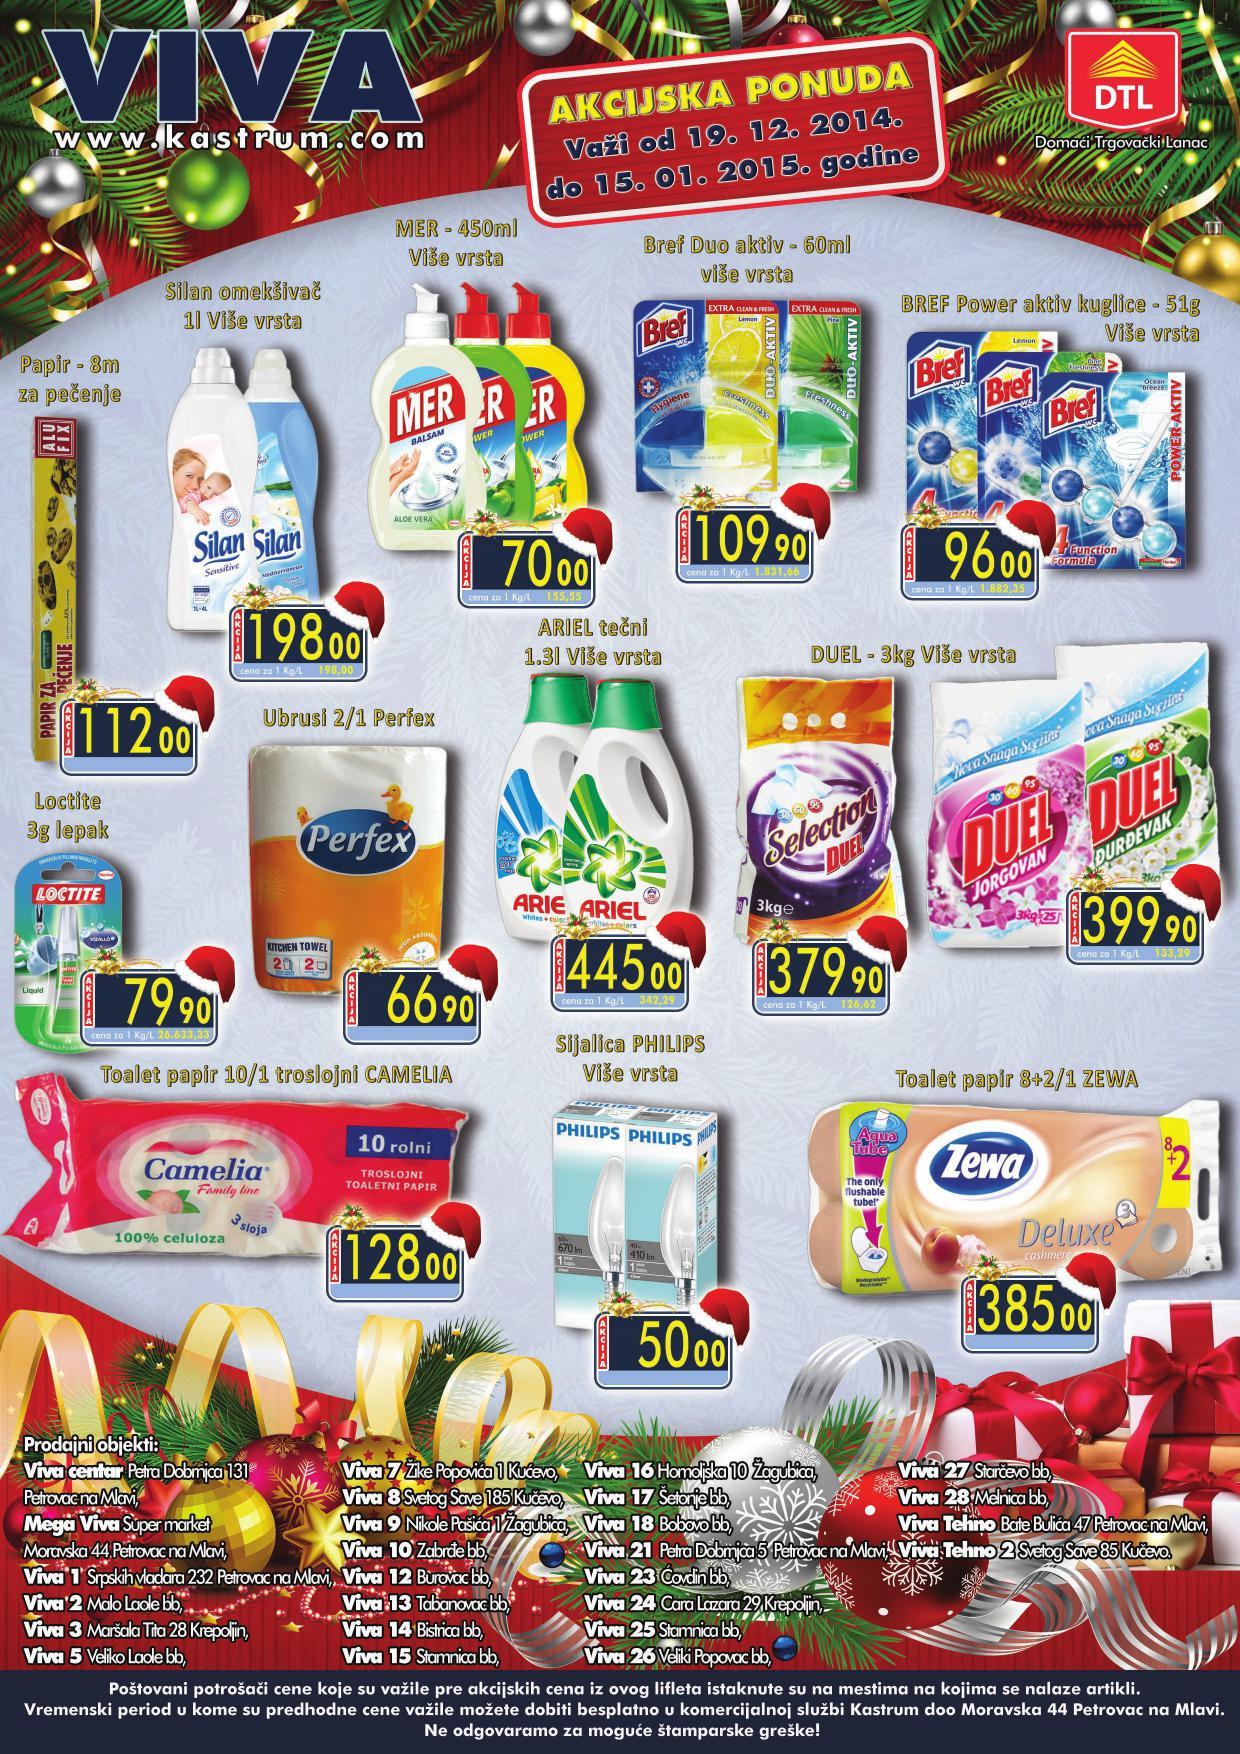 Kastrum akcija novogodišnje kupovine